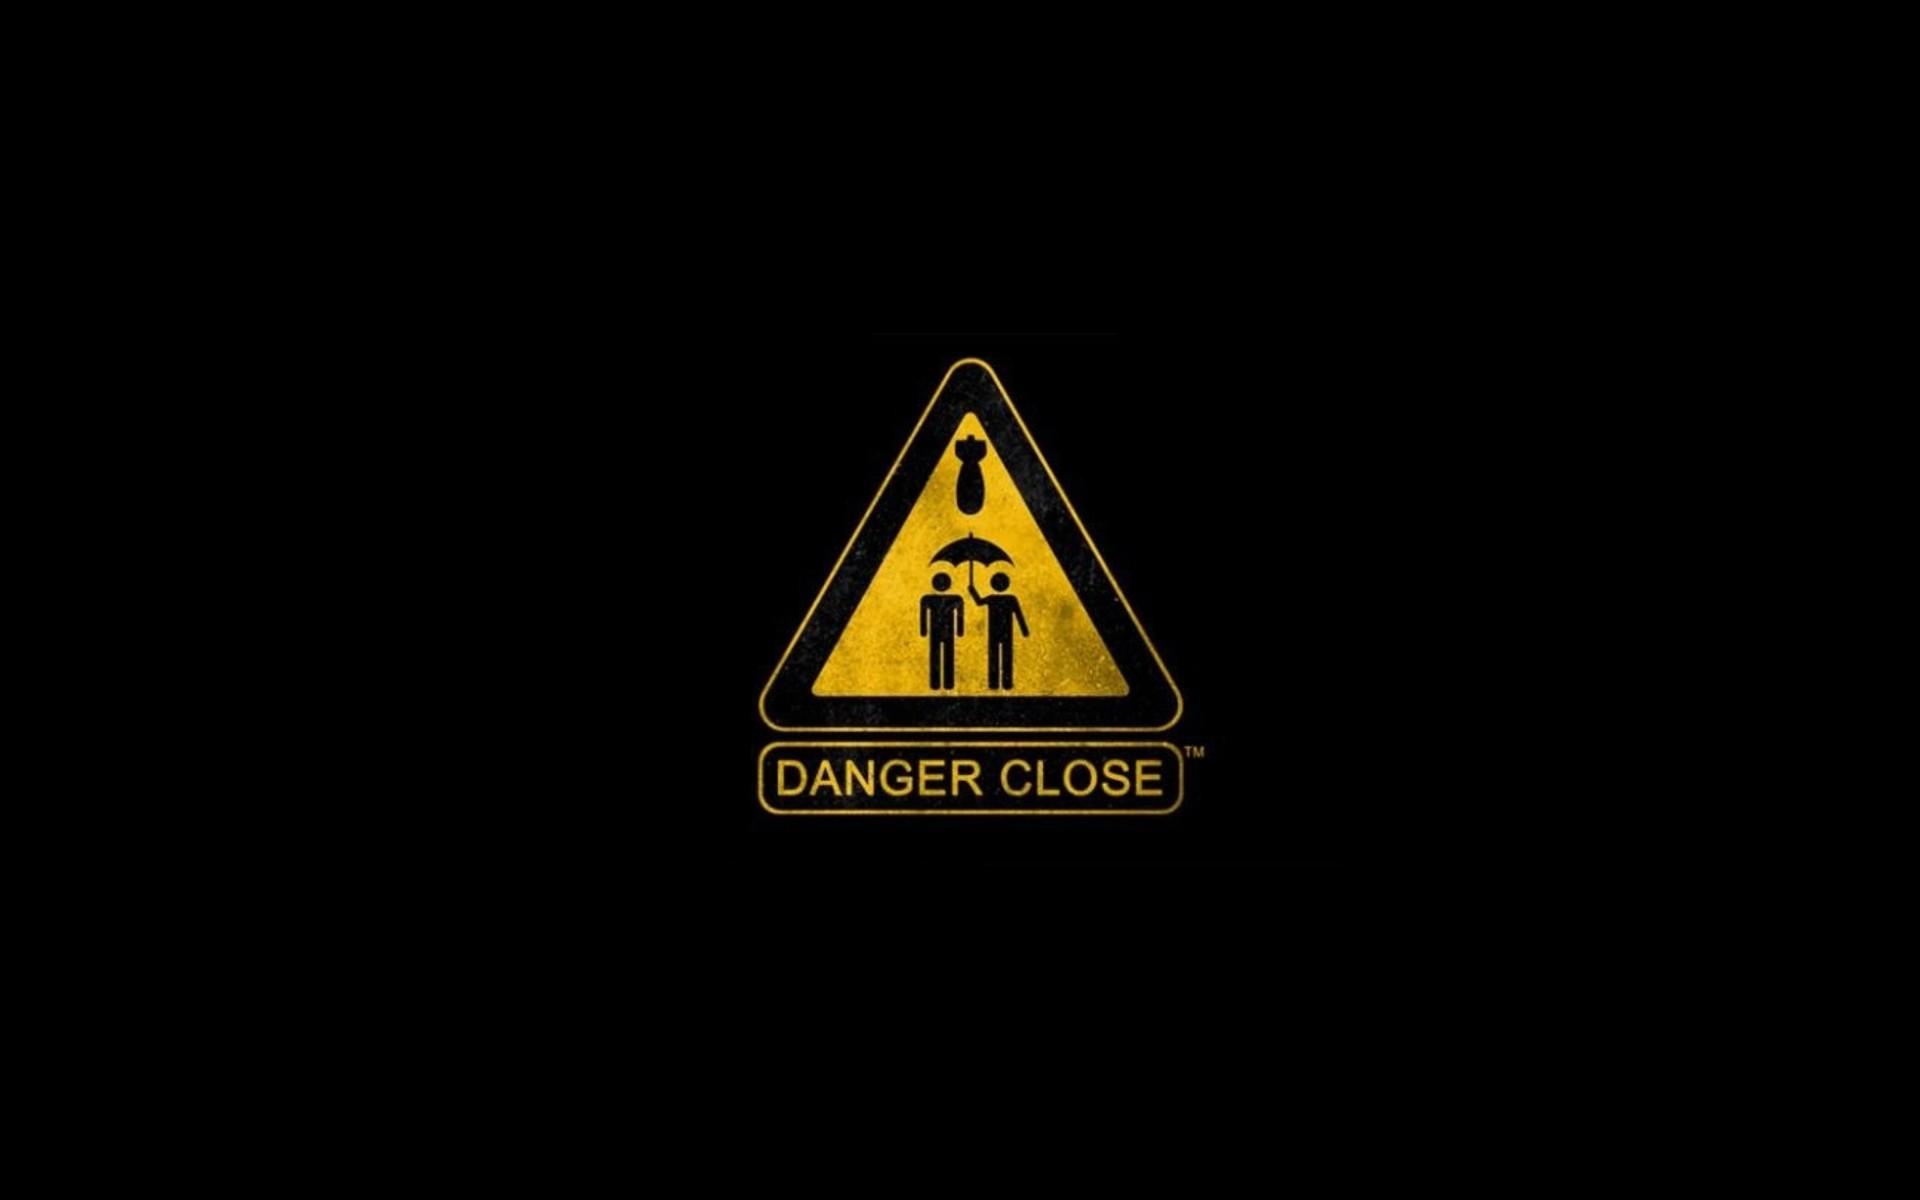 Epic Danger Close Sign